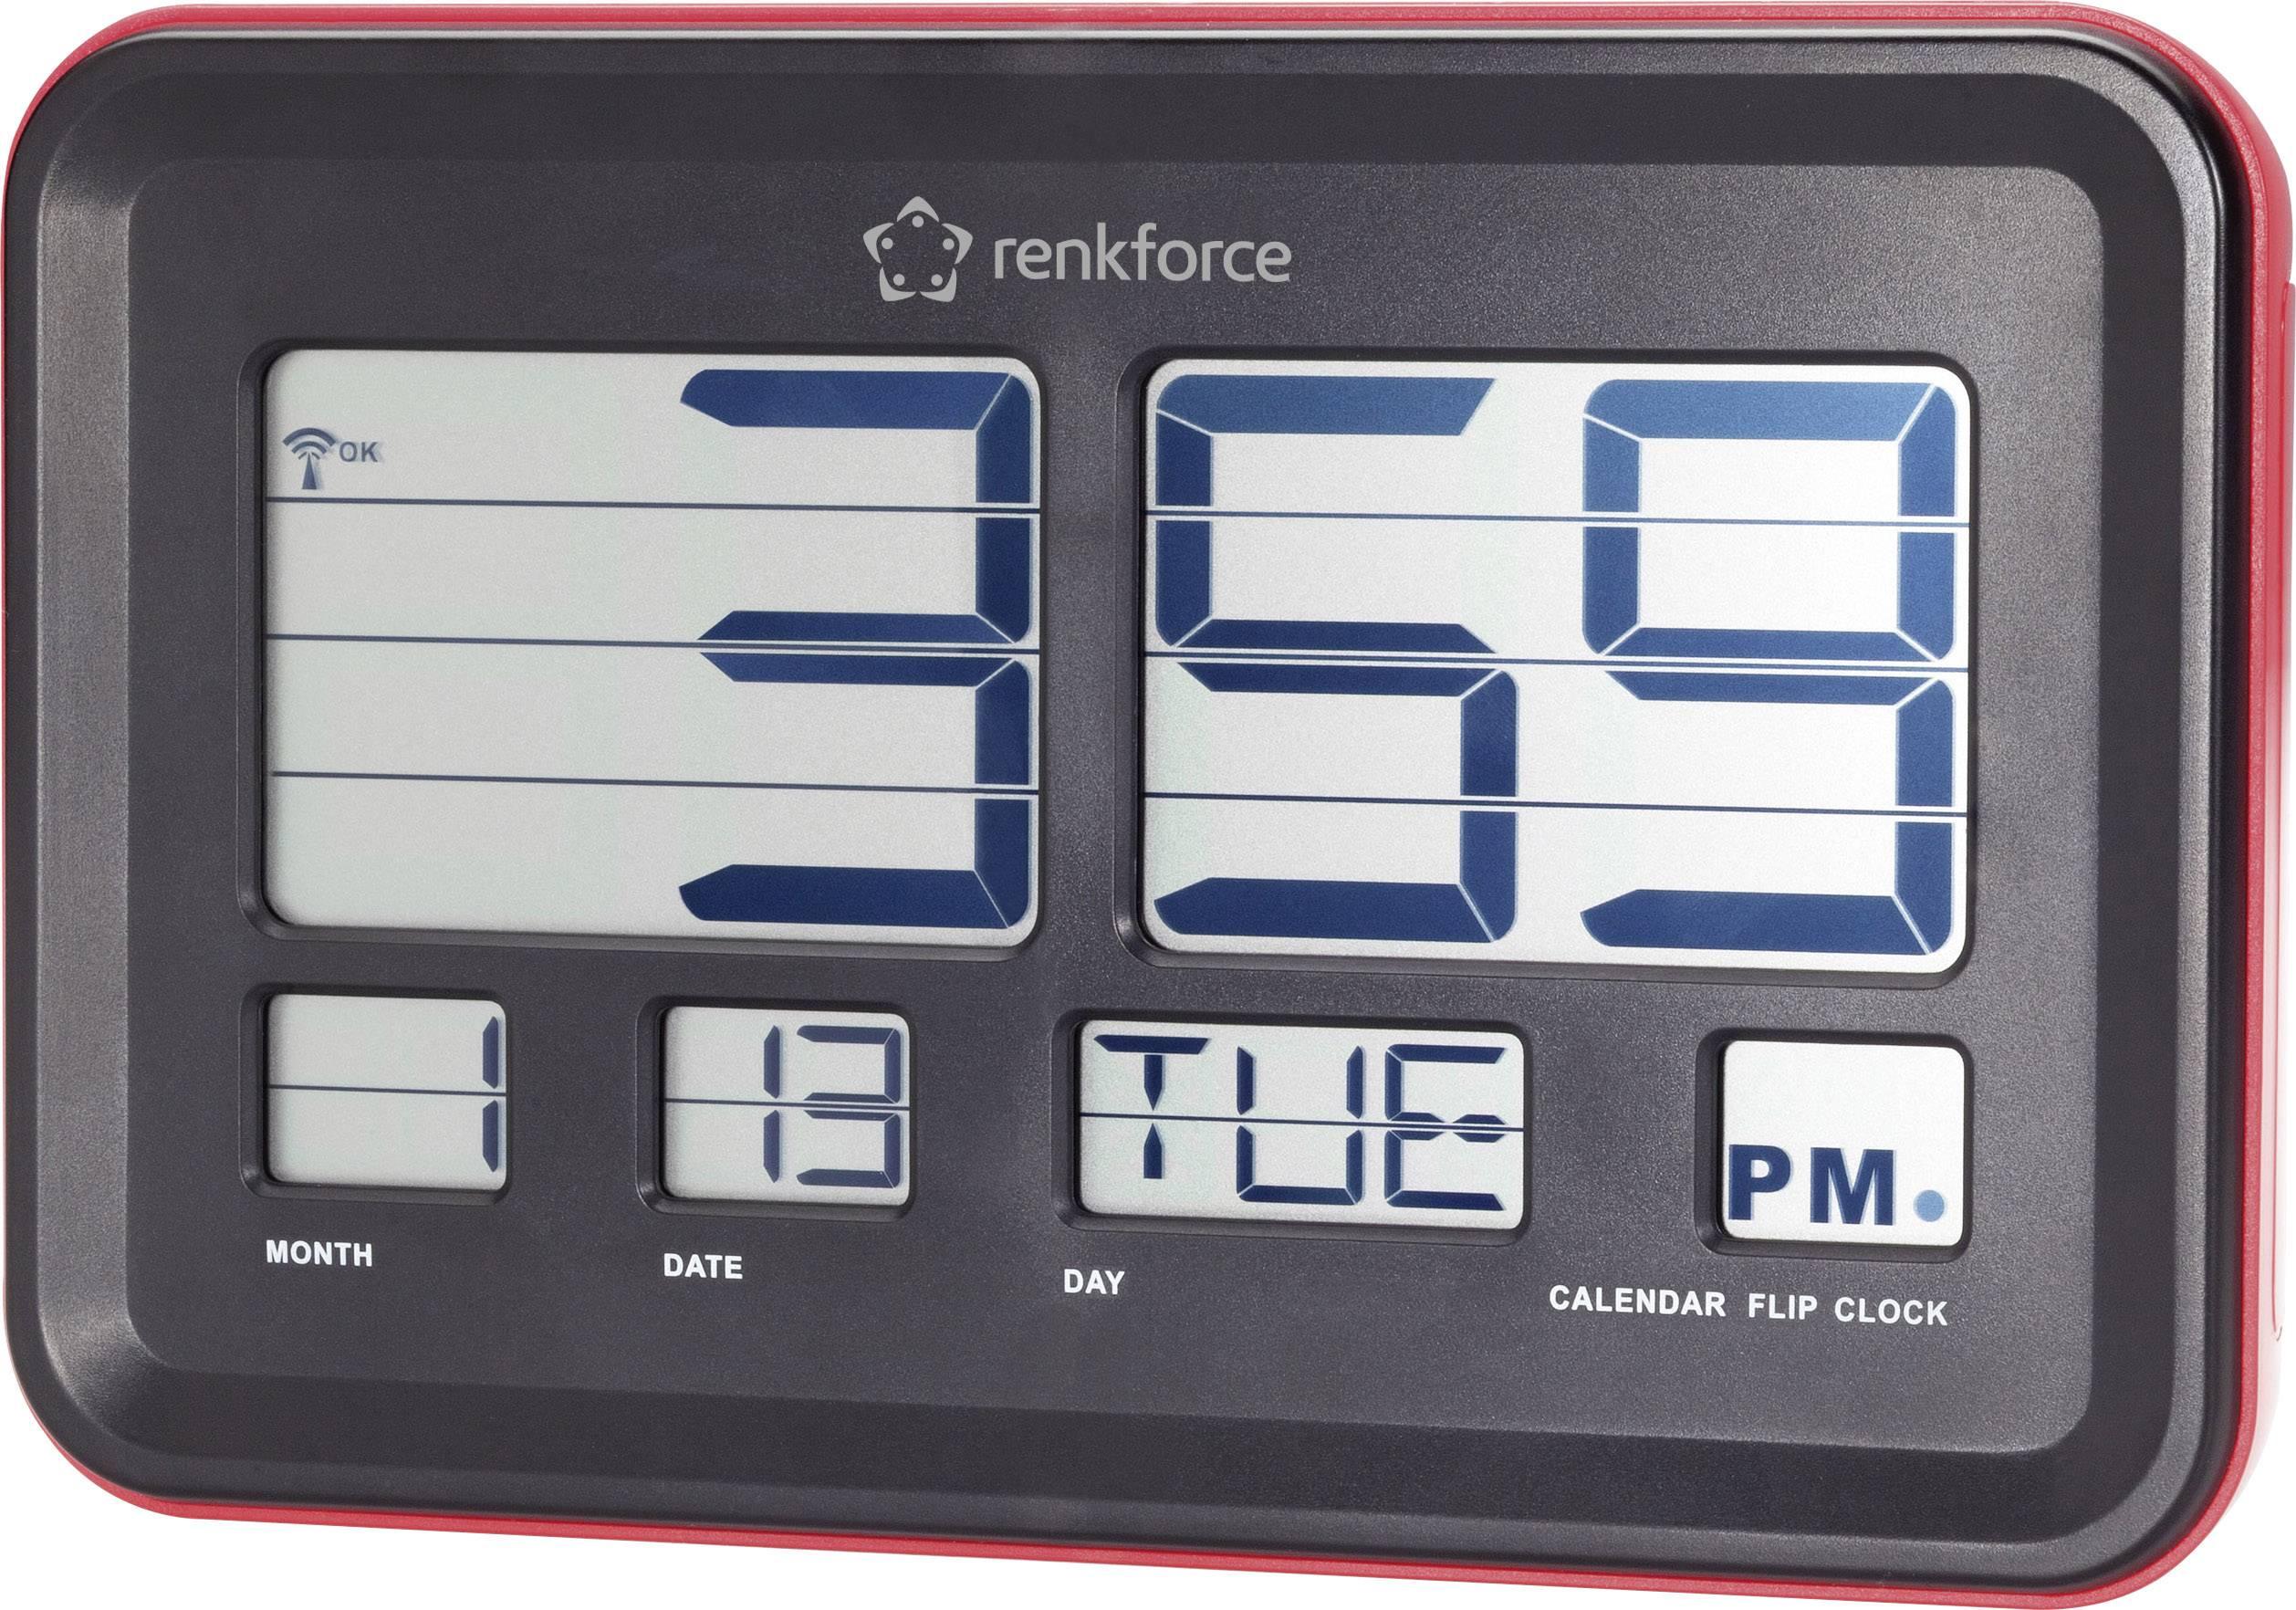 DCF nástenné hodiny s preklápacími číslicami Renkforce A541, 45 mm x 222 mm x 144 mm , červená